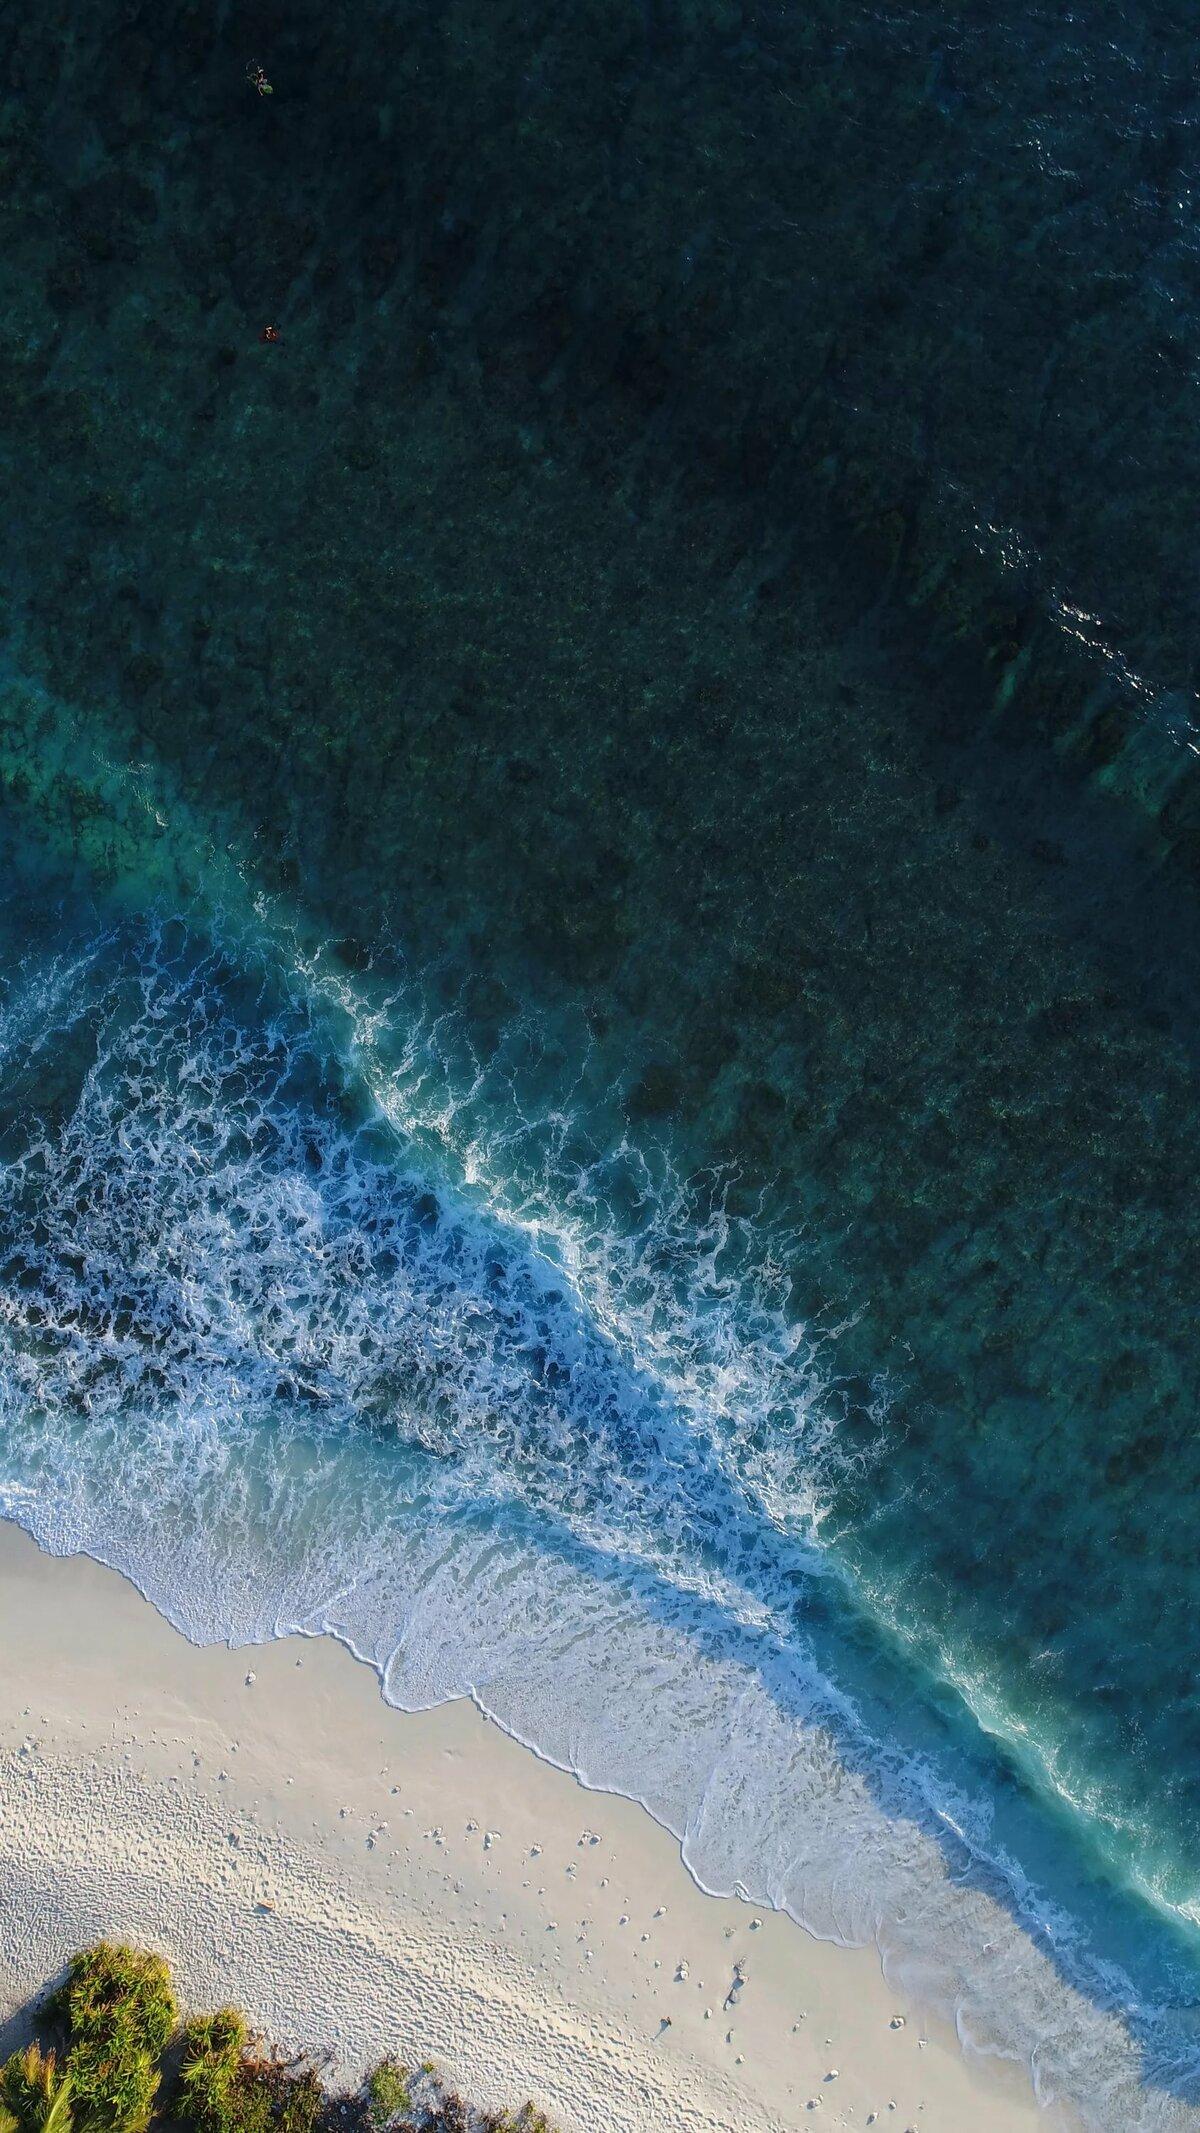 картинки моря с песком вертикальные вид сверху на обои морской курорт, большинство